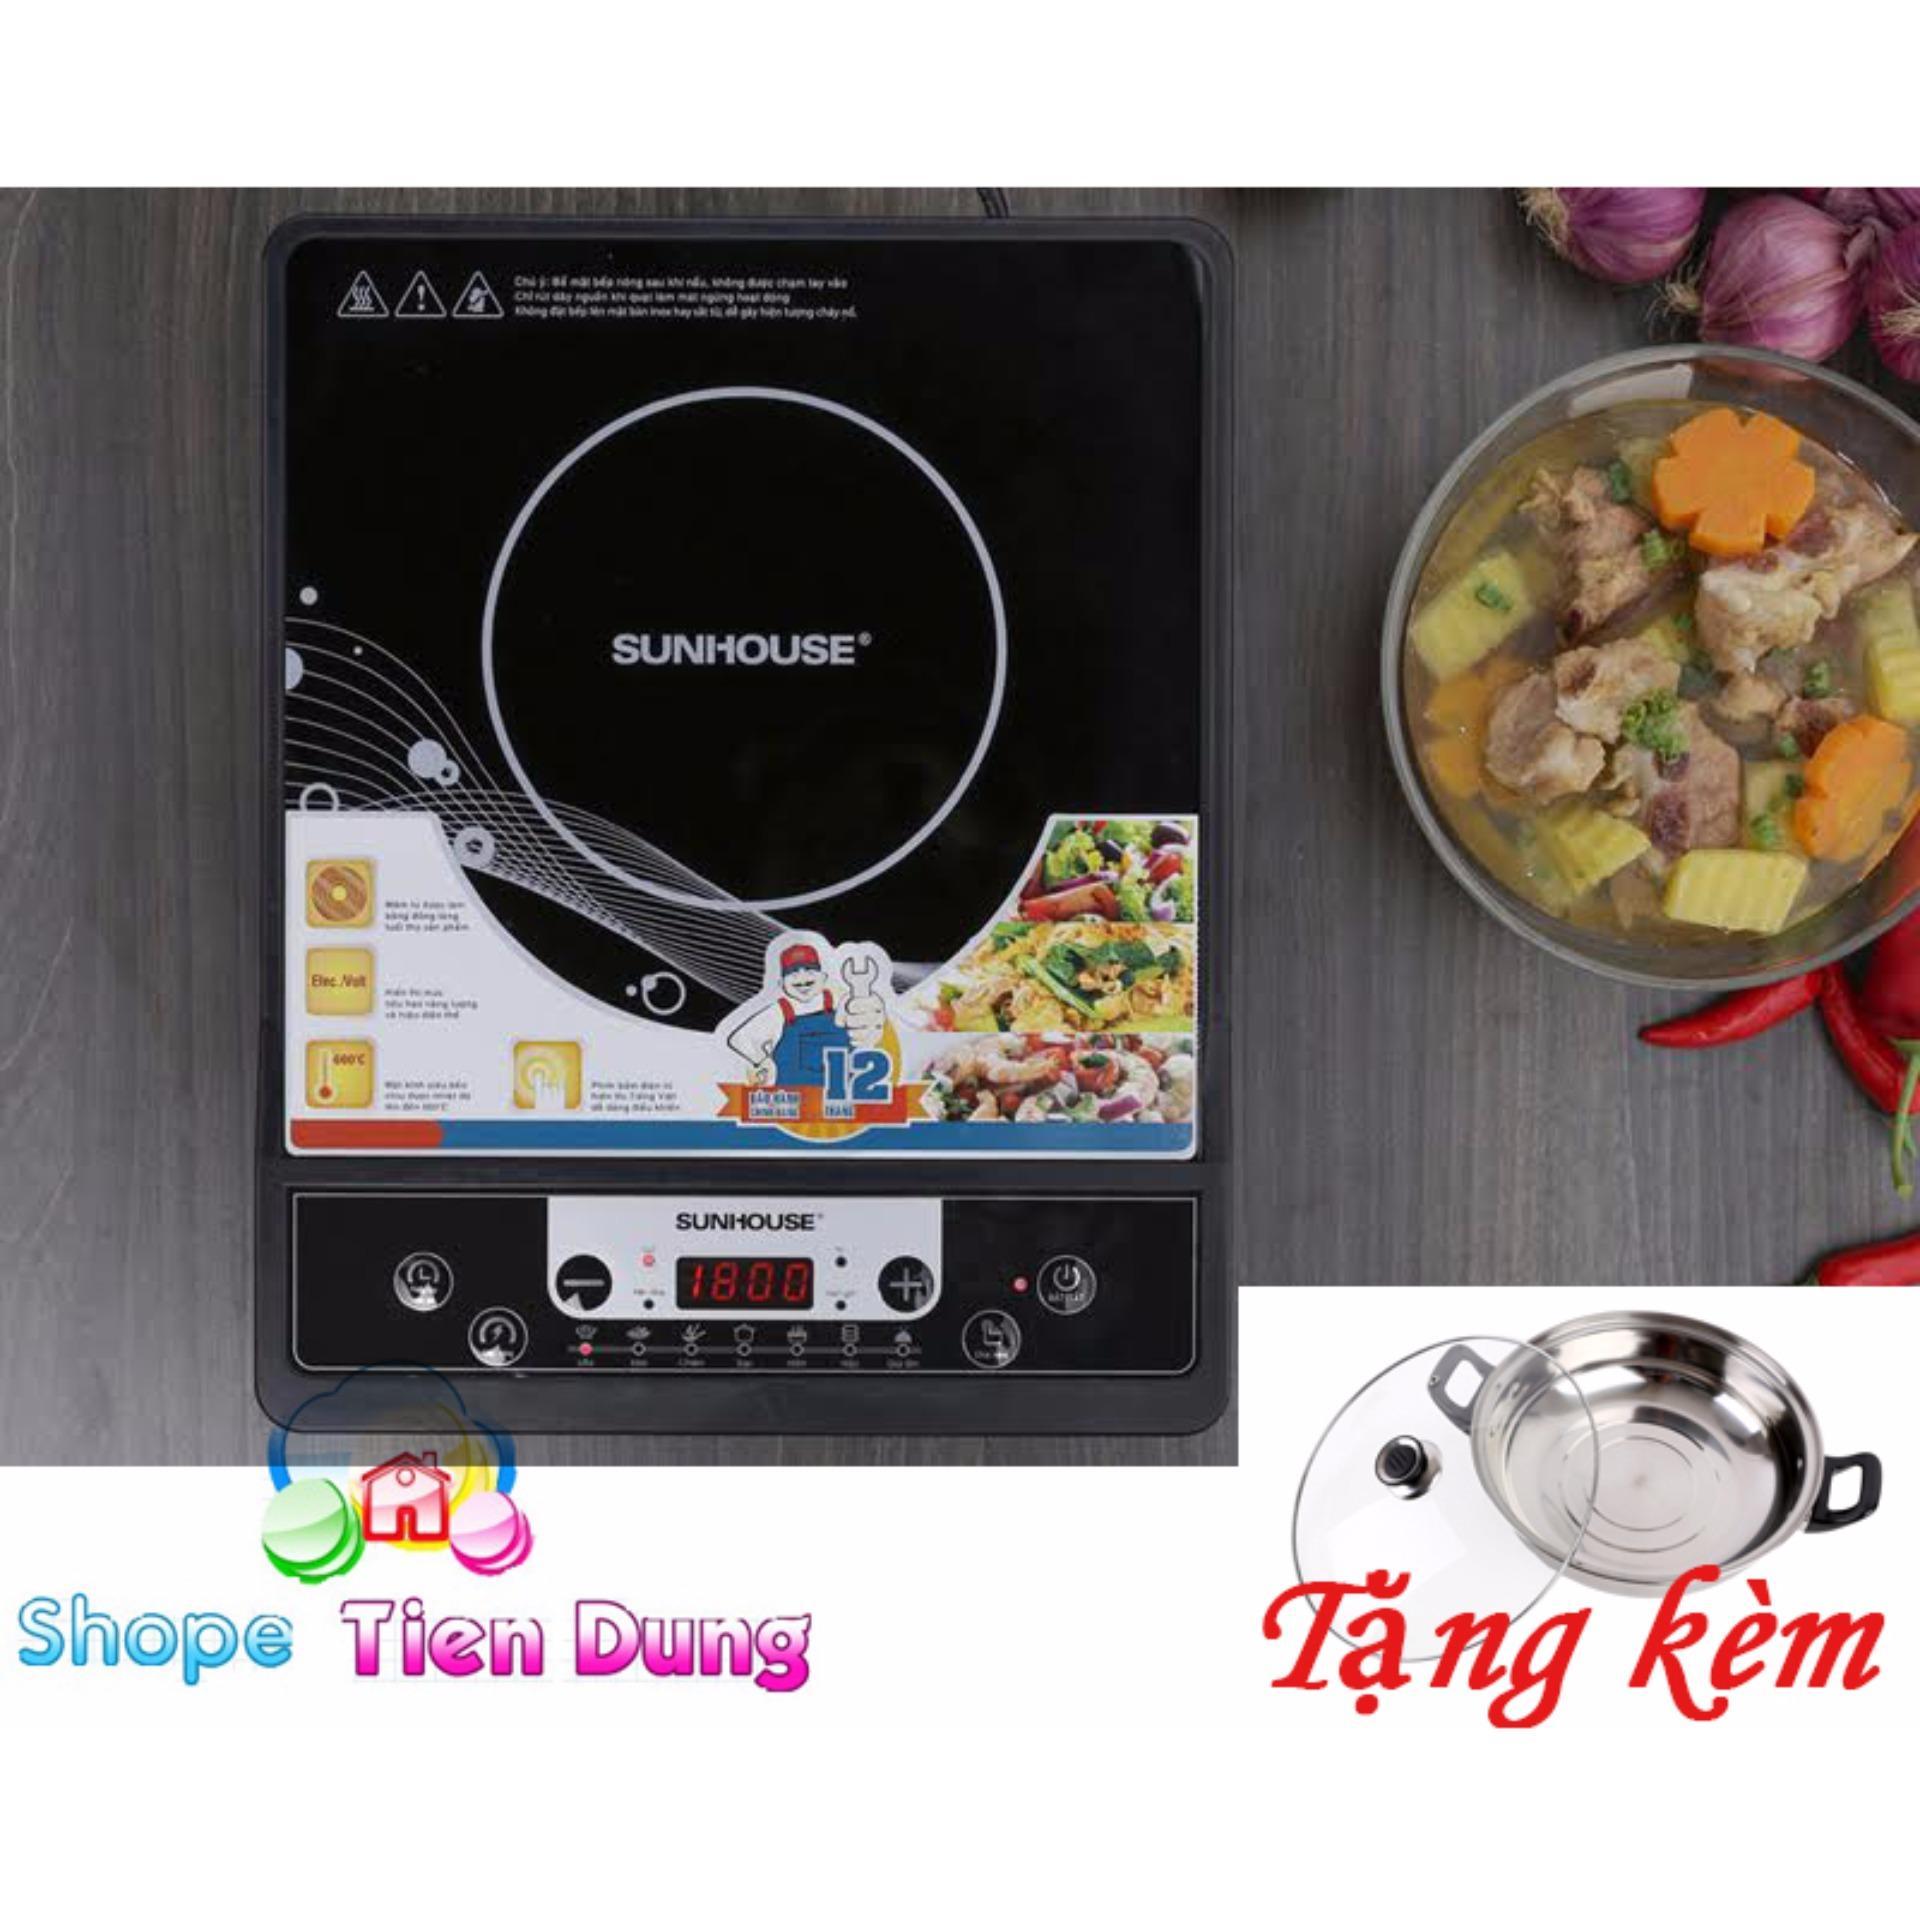 Hình ảnh bếp hồng ngoại nào tốt - Bếp điện từ cơ cao cấp, tiện dụng 1800W, Chất lượng uy tín, BH 1 đổi 1 bởi Shope Tien Dung - TẶNG NỒI LẨU CAO CẤP